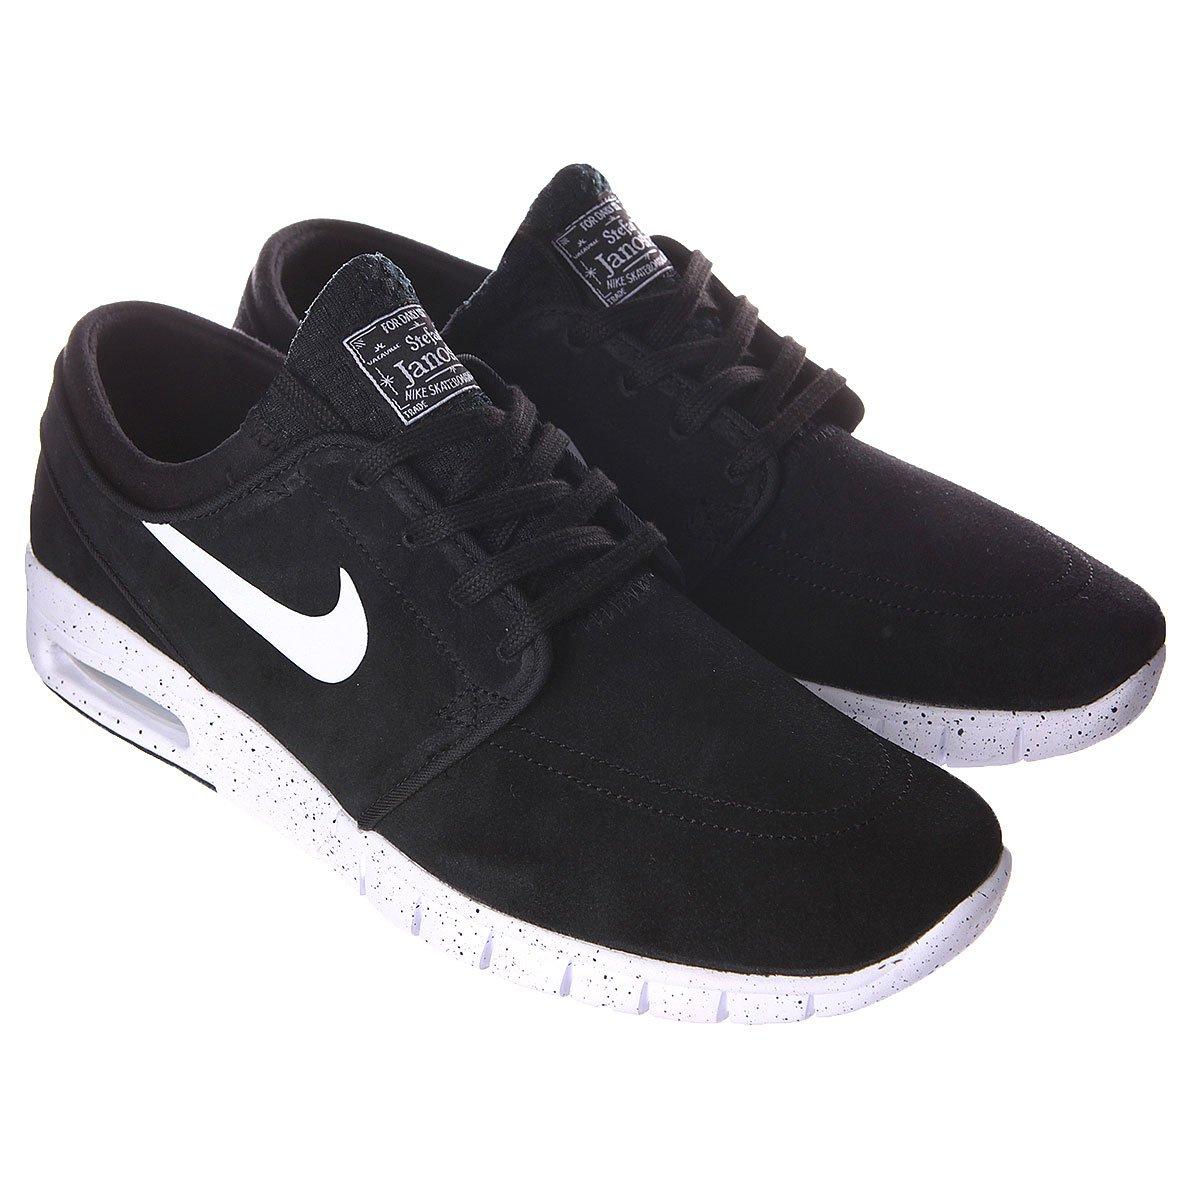 timeless design 56855 96298 ... Кроссовки Nike Stefan Janoski Max L Black White ...